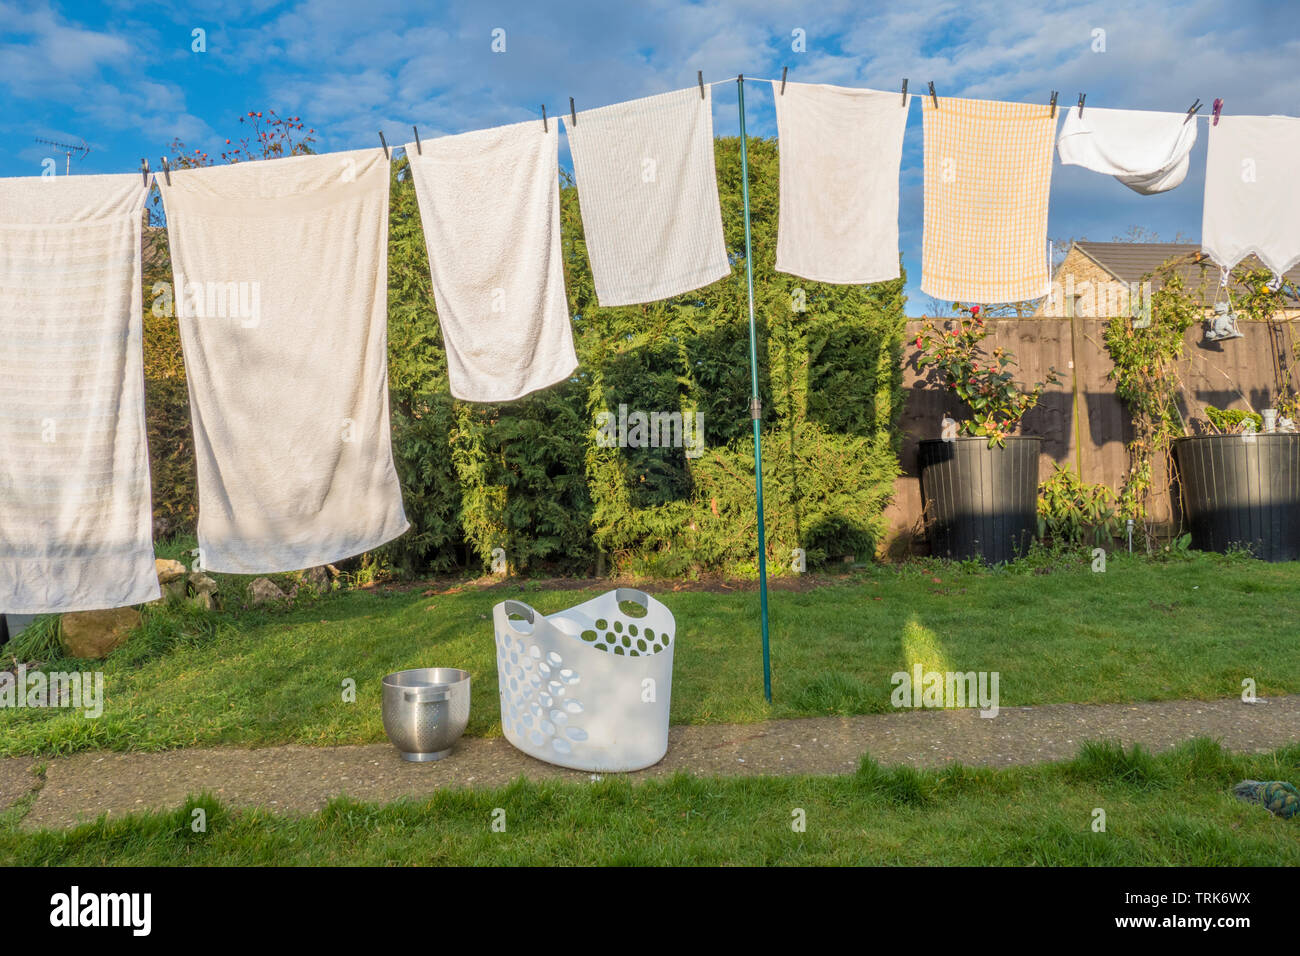 9dfe7095c Vista frontal de la lavandería interna de la ropa mojada y toallas,  vinculado y colgar